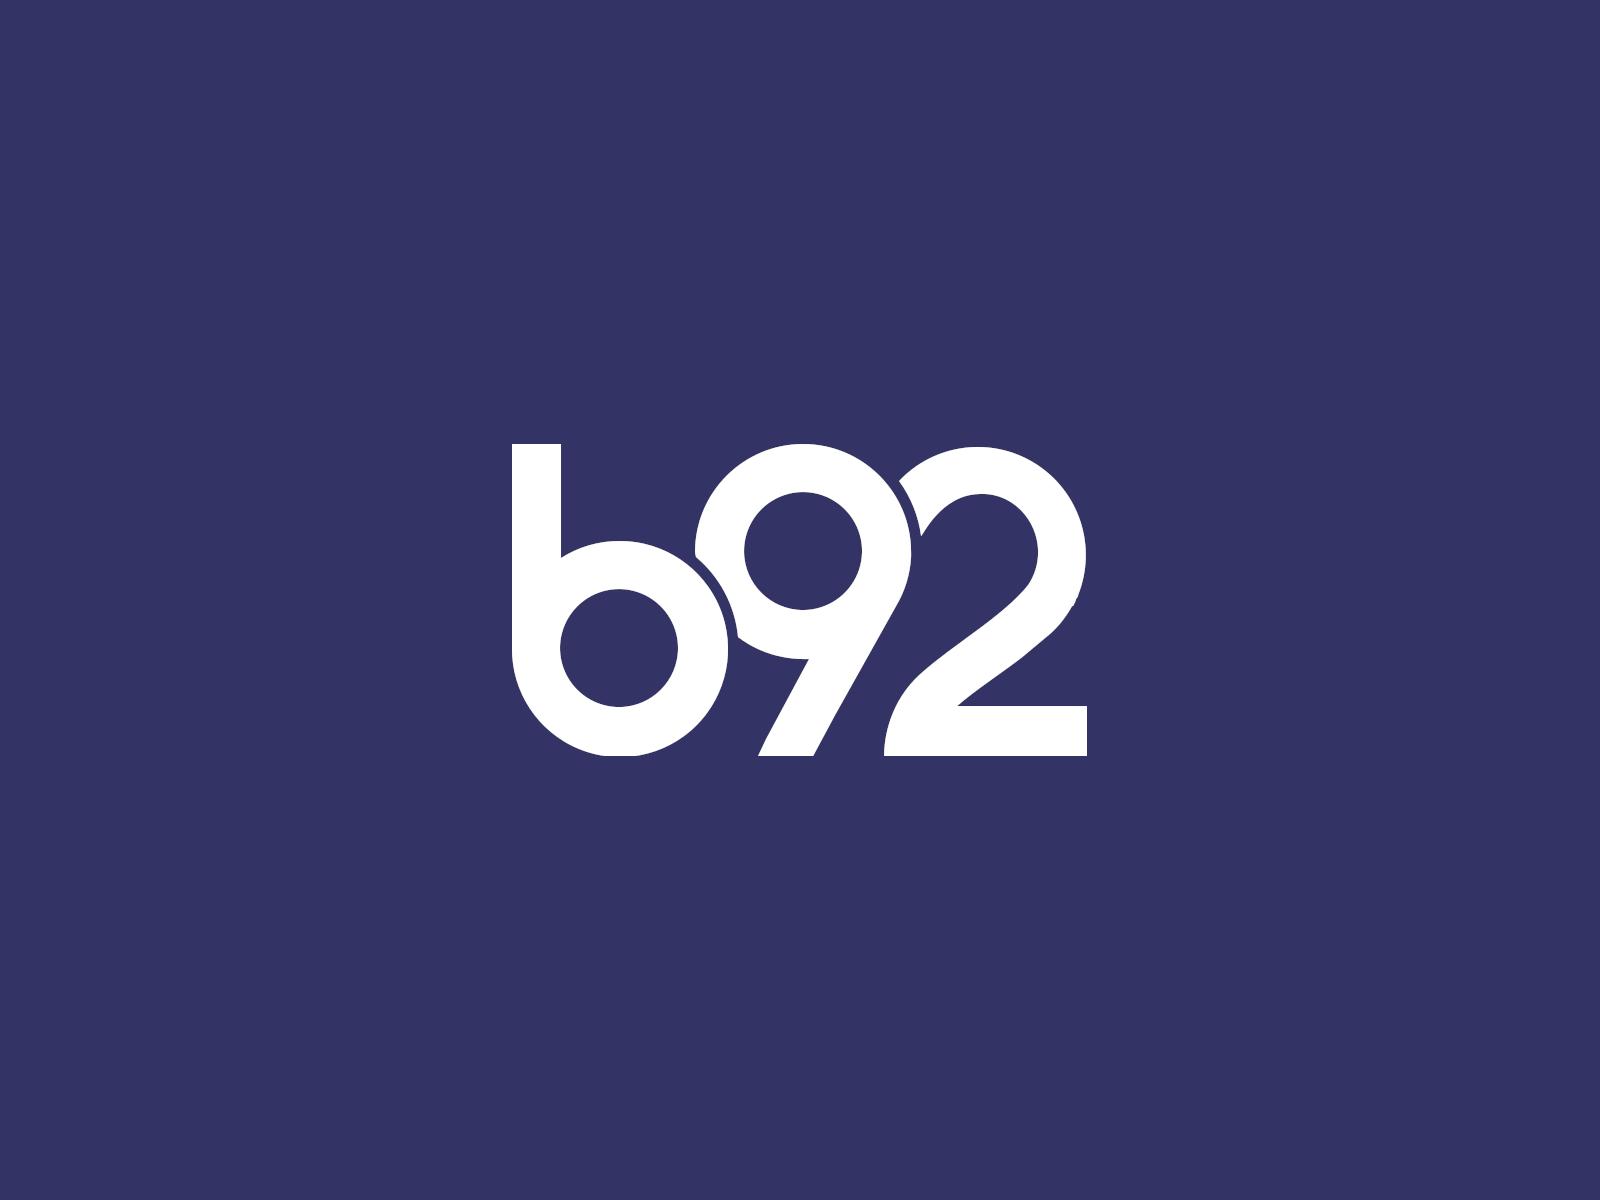 (c) B92.net